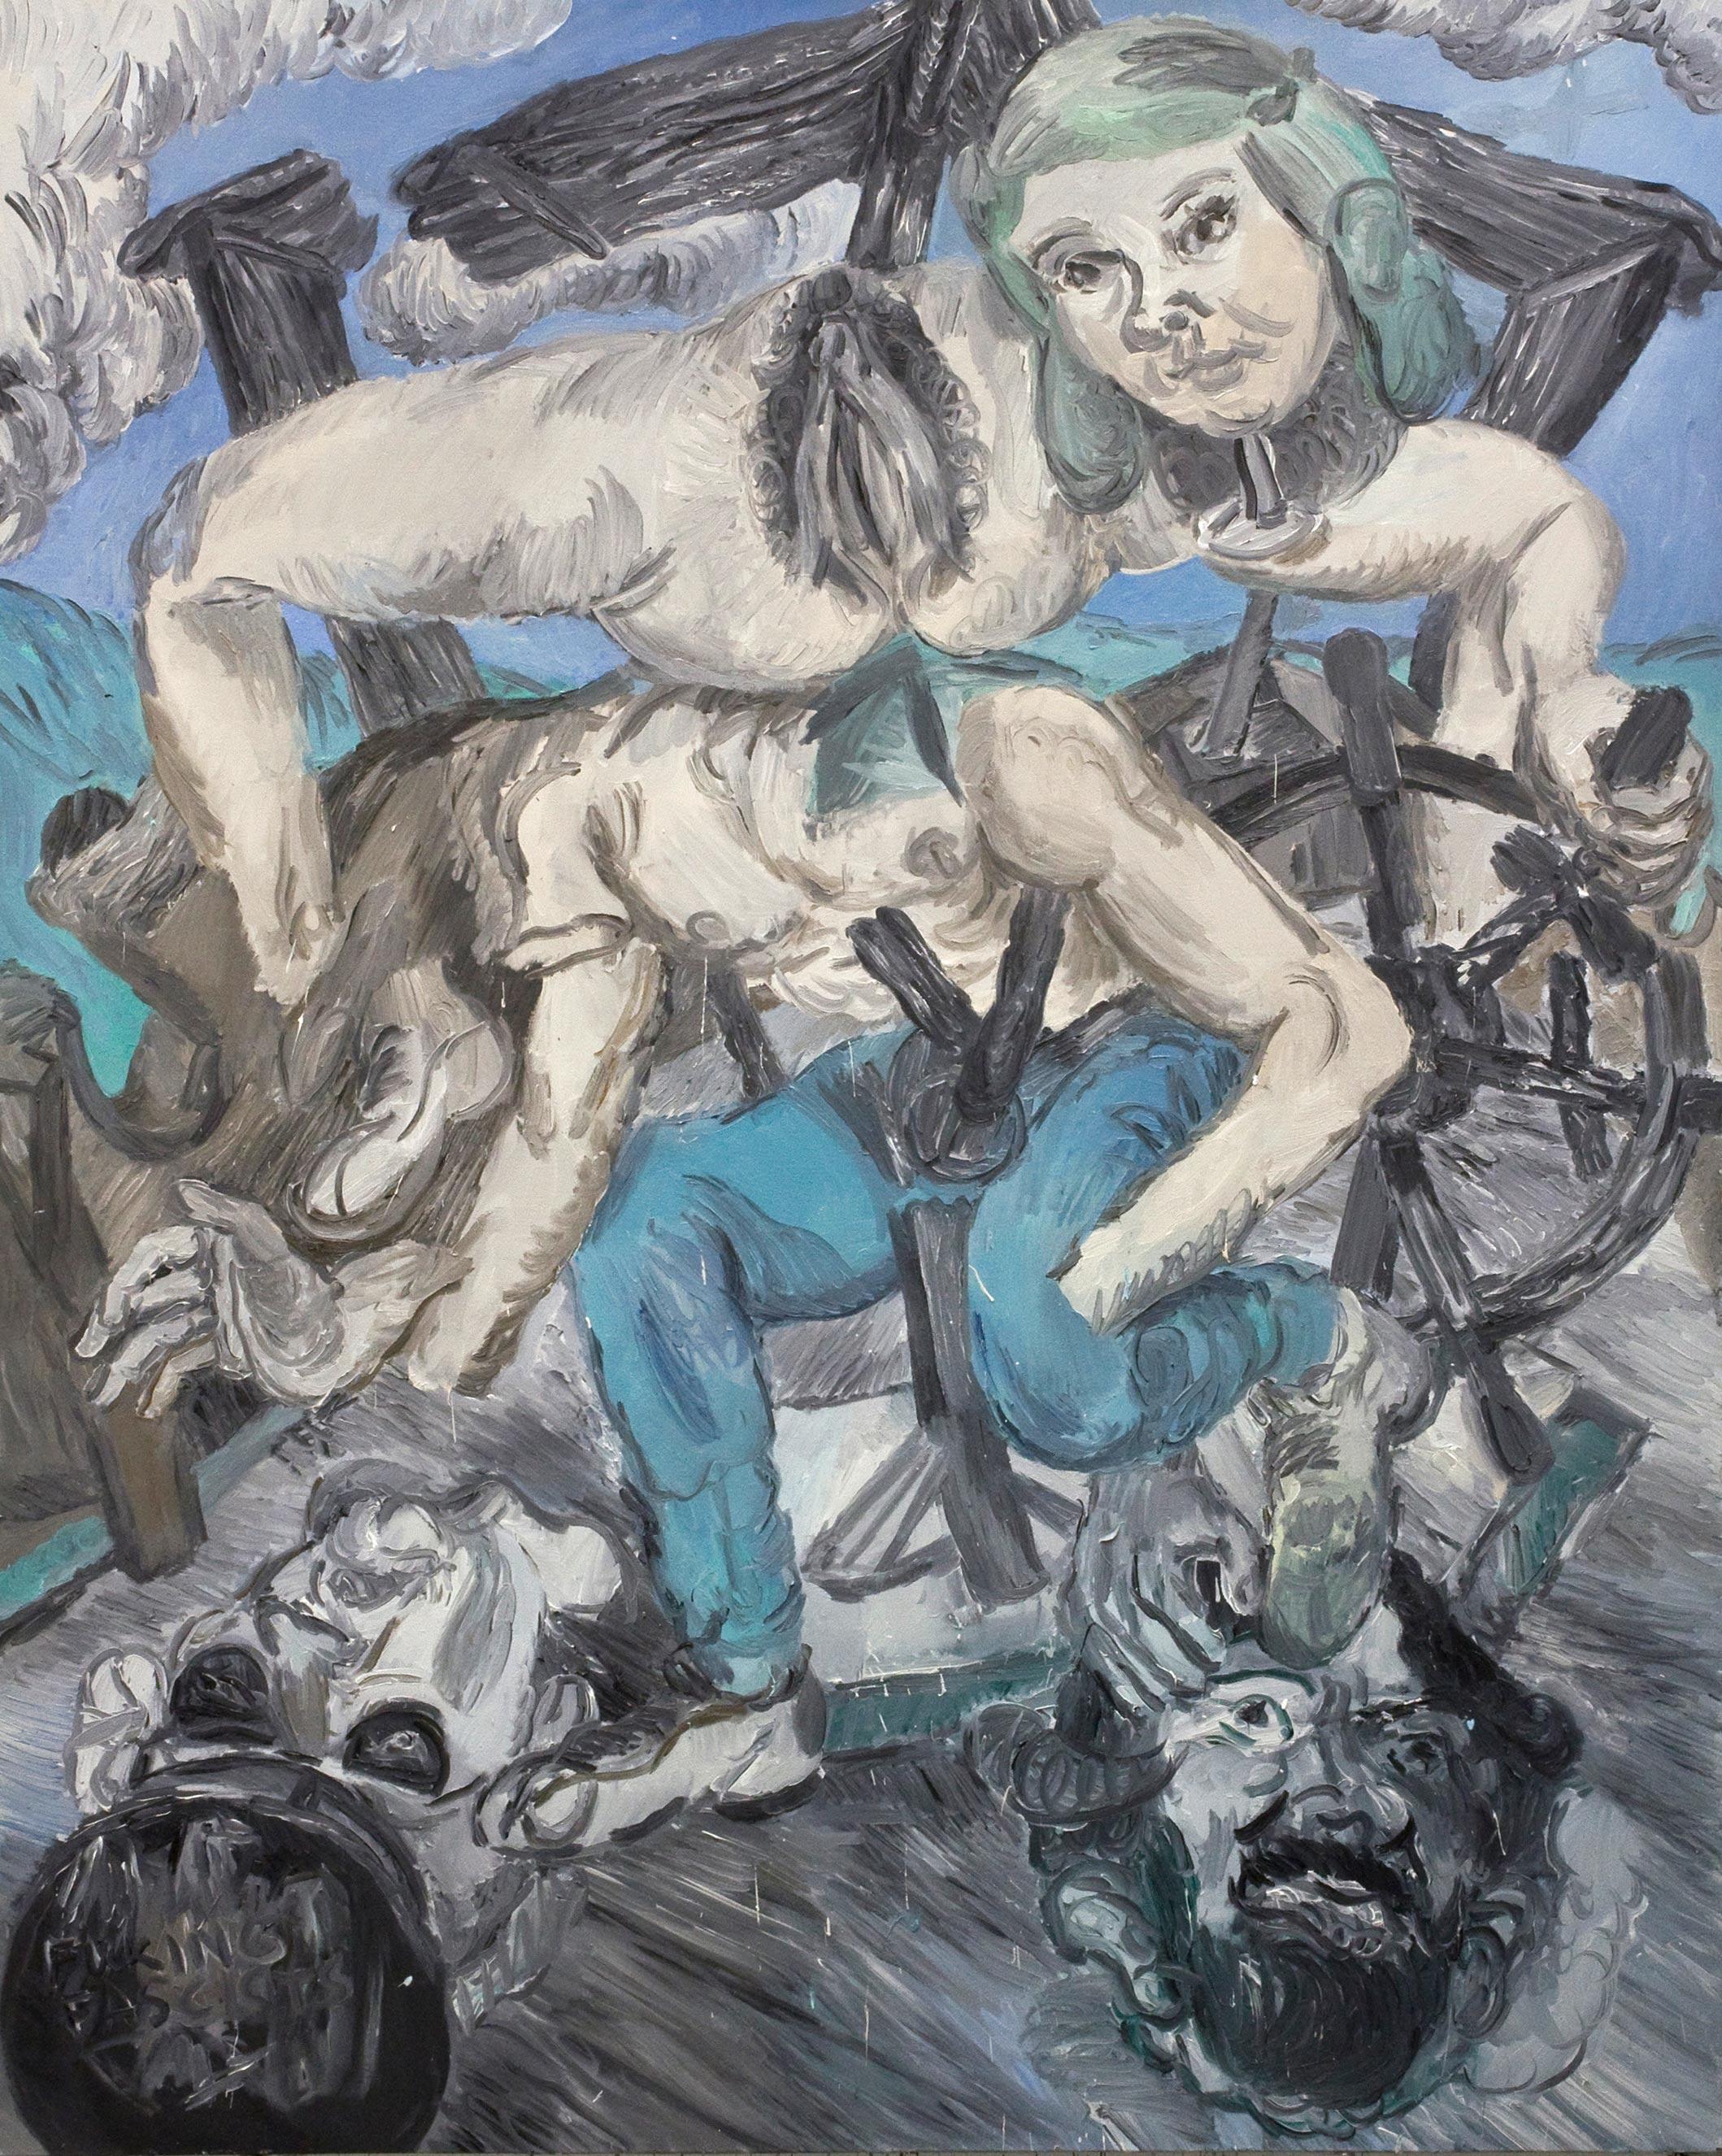 'Song' 2016   Oil on linen. 190 x 150 cm